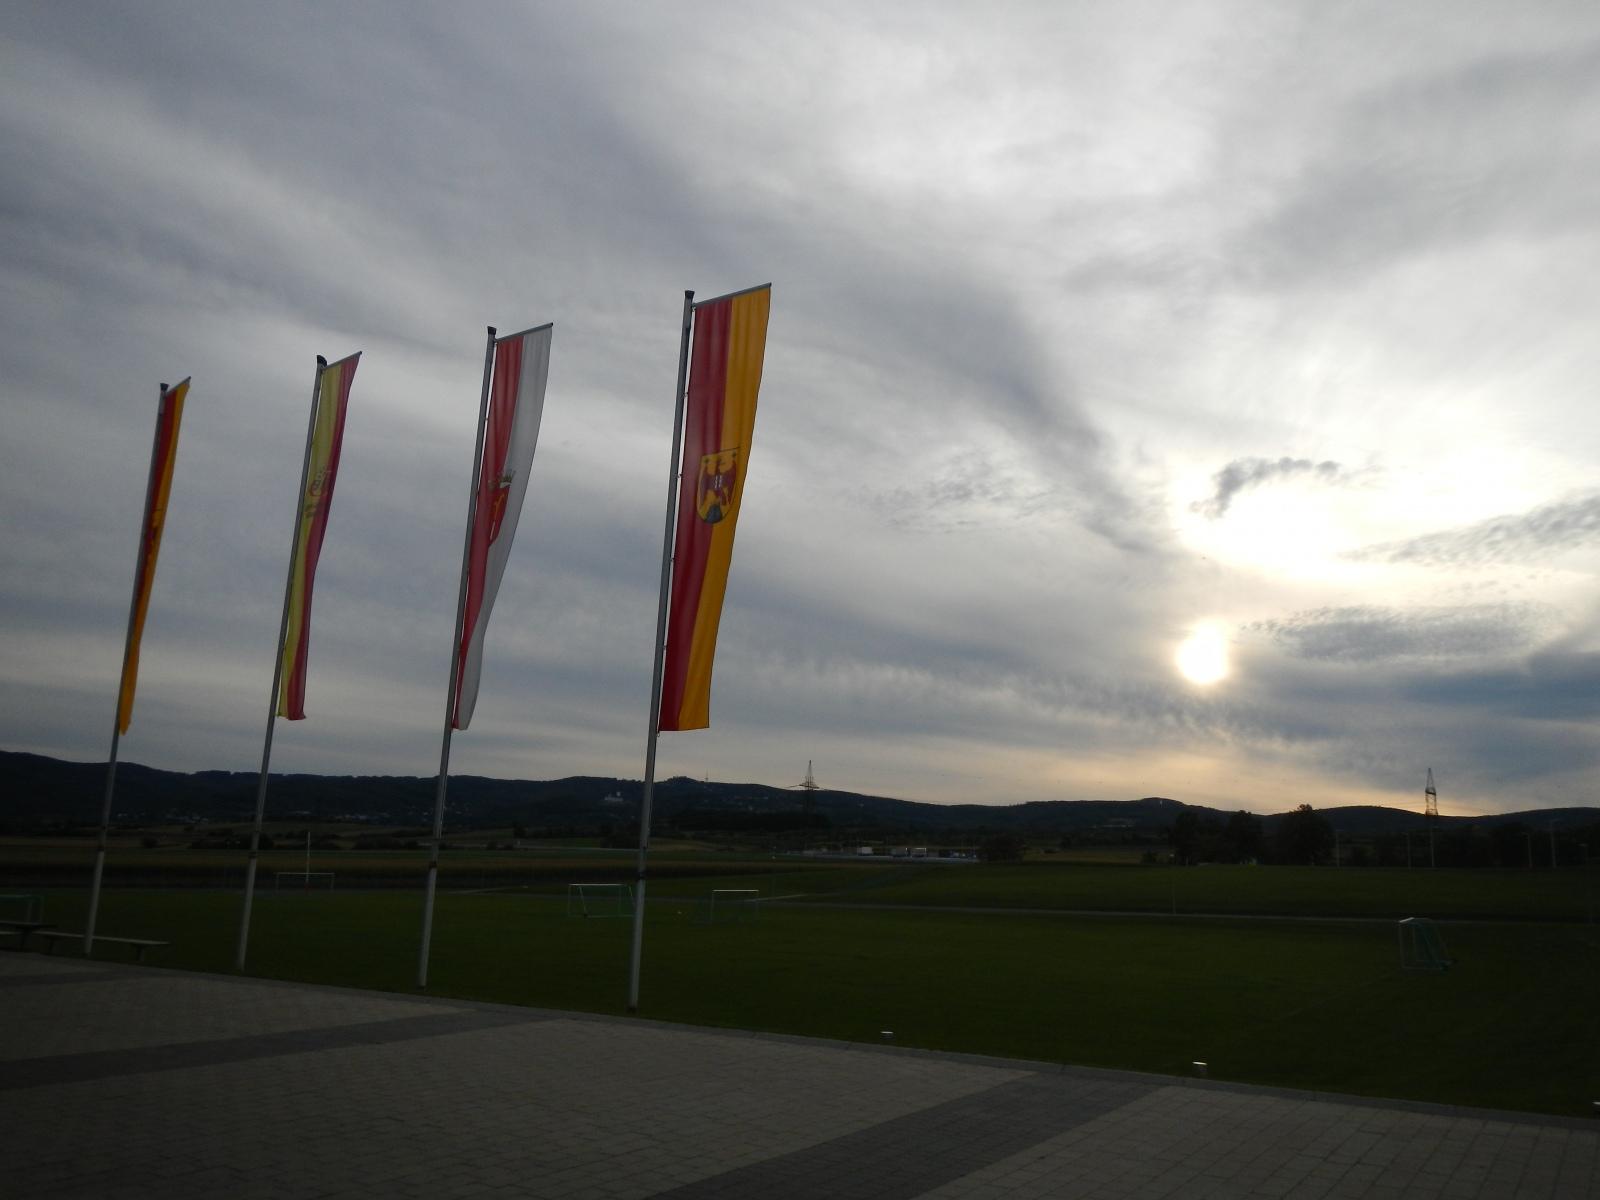 Am Mattersburger Stadtrand - die Fußballakademie Burgenland